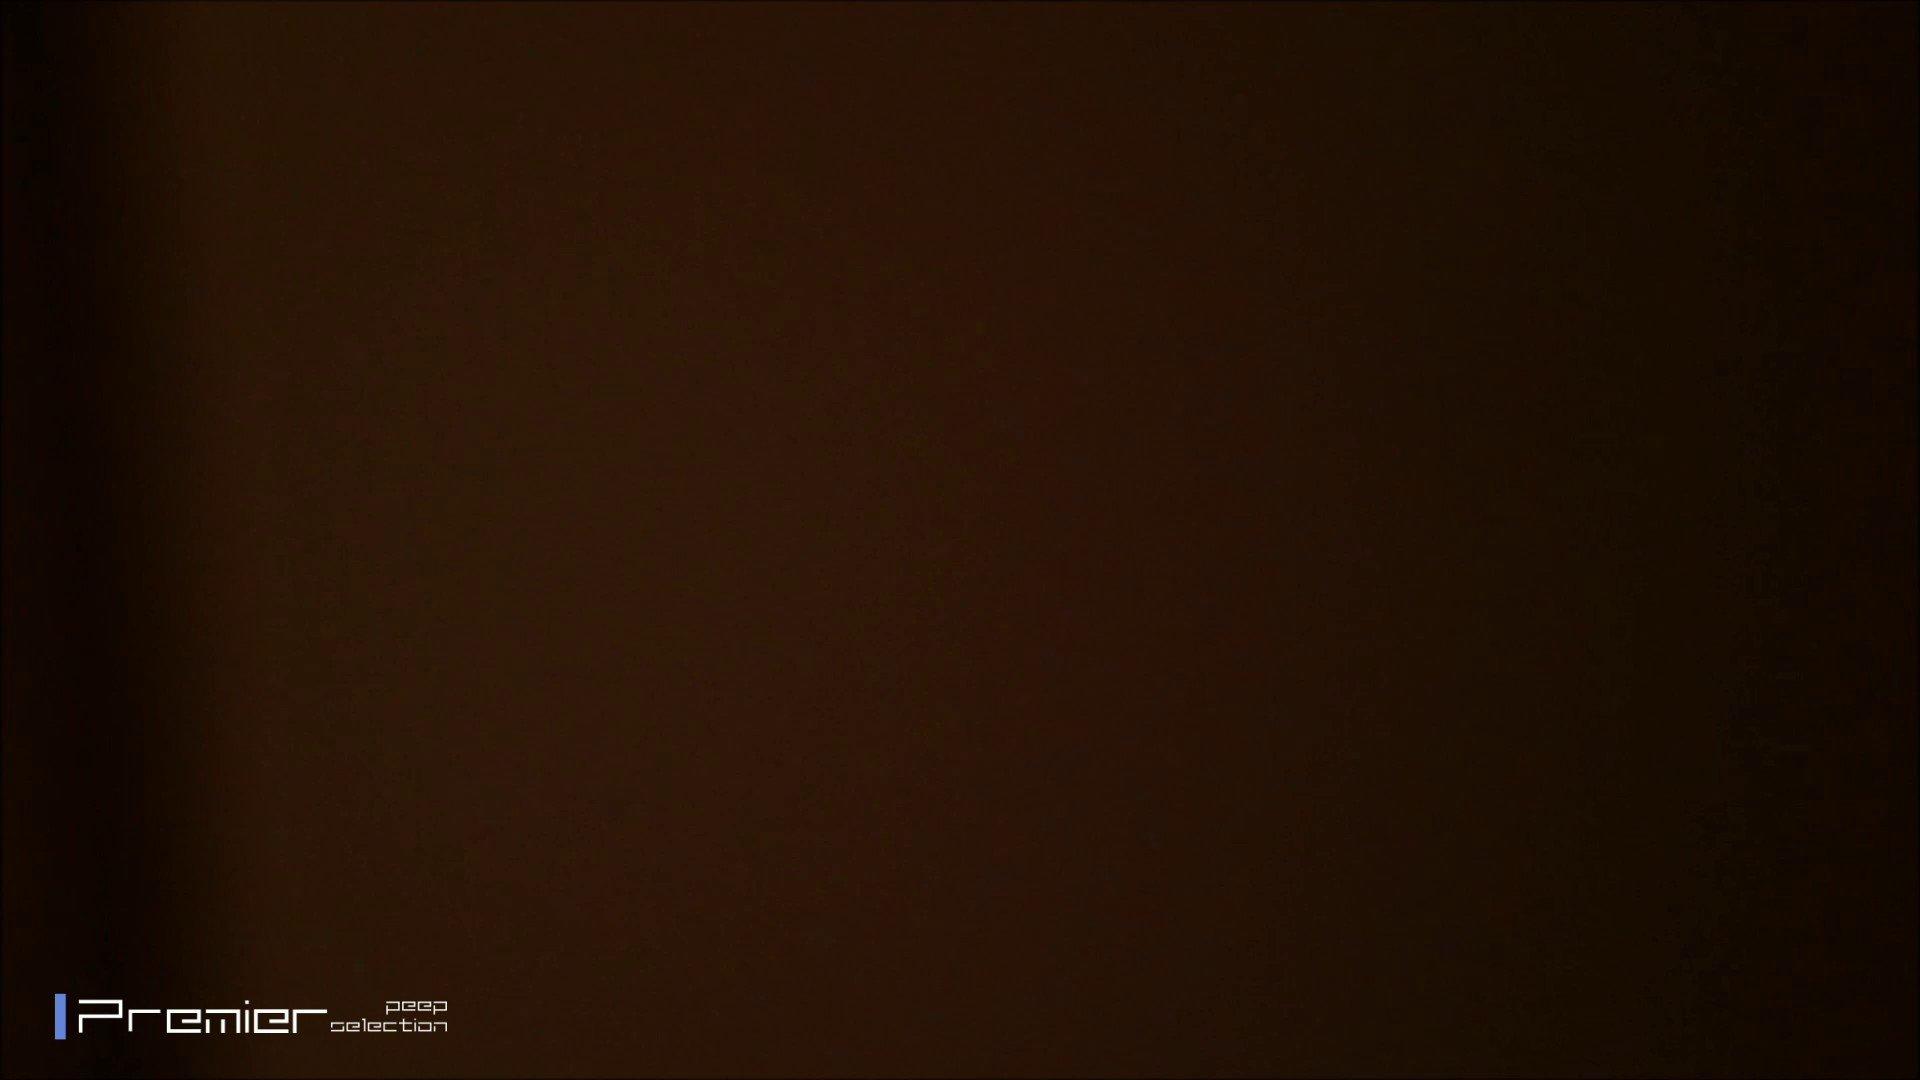 シャワーのお湯を跳ね返すお肌 乙女の風呂場 Vol.03 盗撮 われめAV動画紹介 78PIX 75